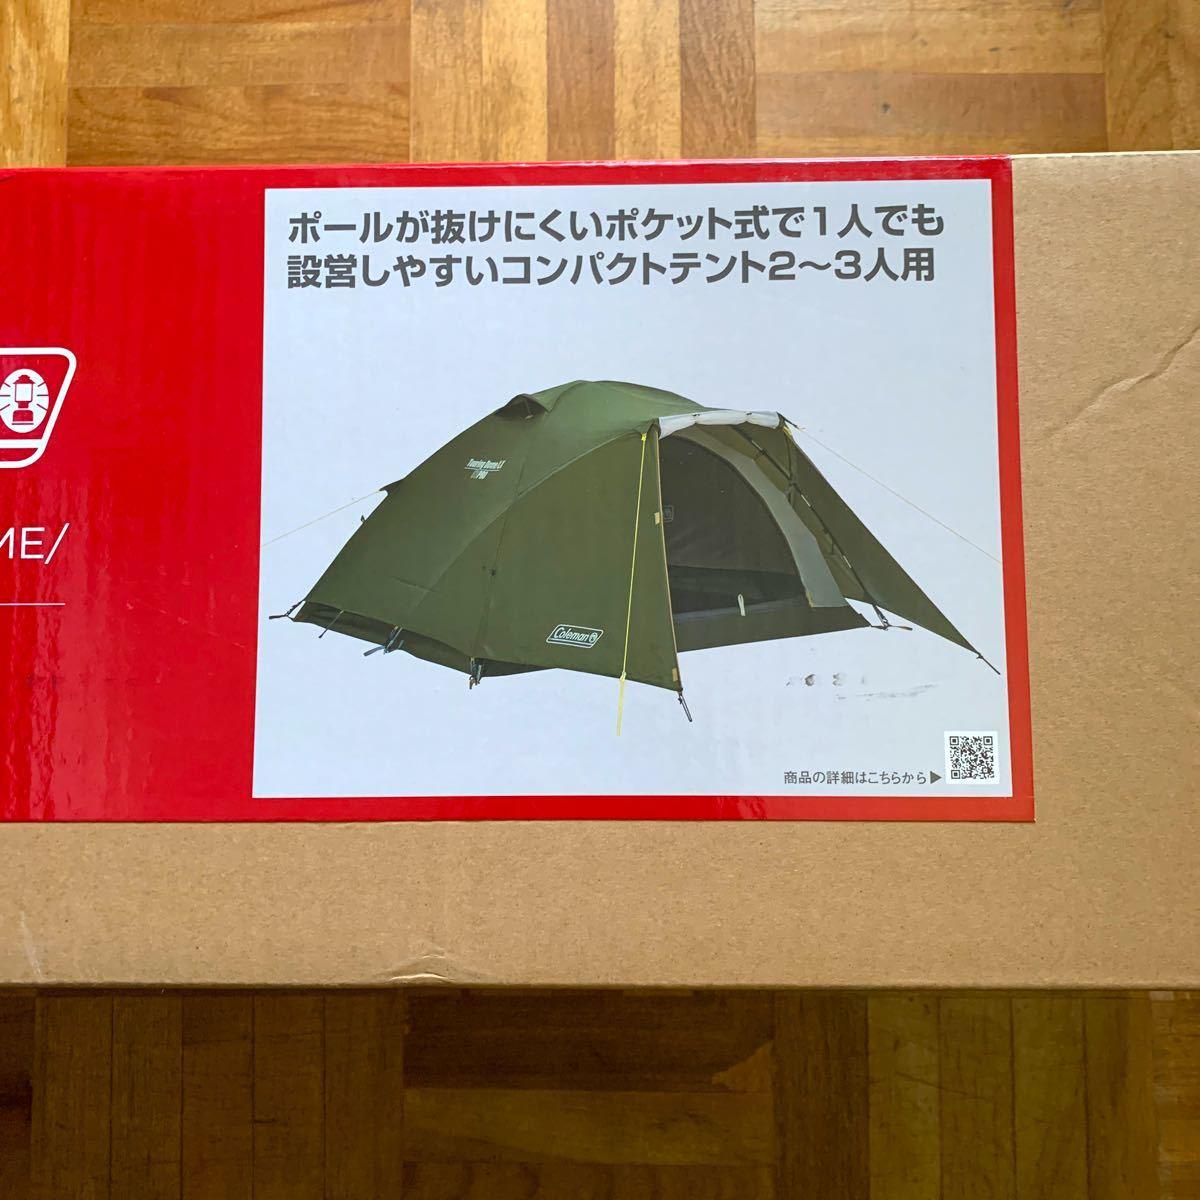 ★新品未開封★ コールマン(Coleman) テント ツーリングドーム LX